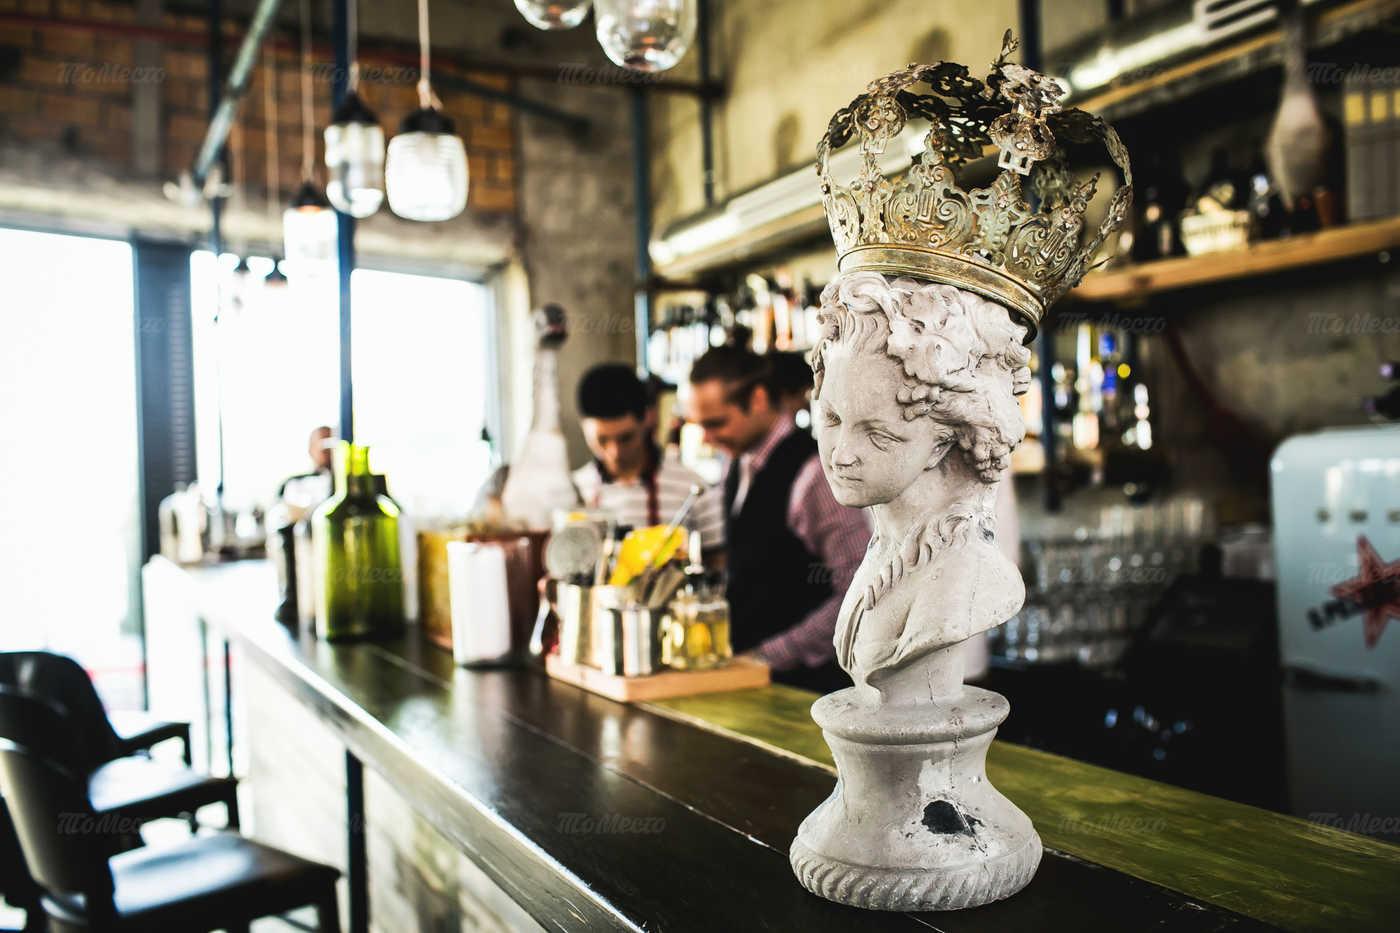 Меню бара, ресторана Door 19 в Серебрянической